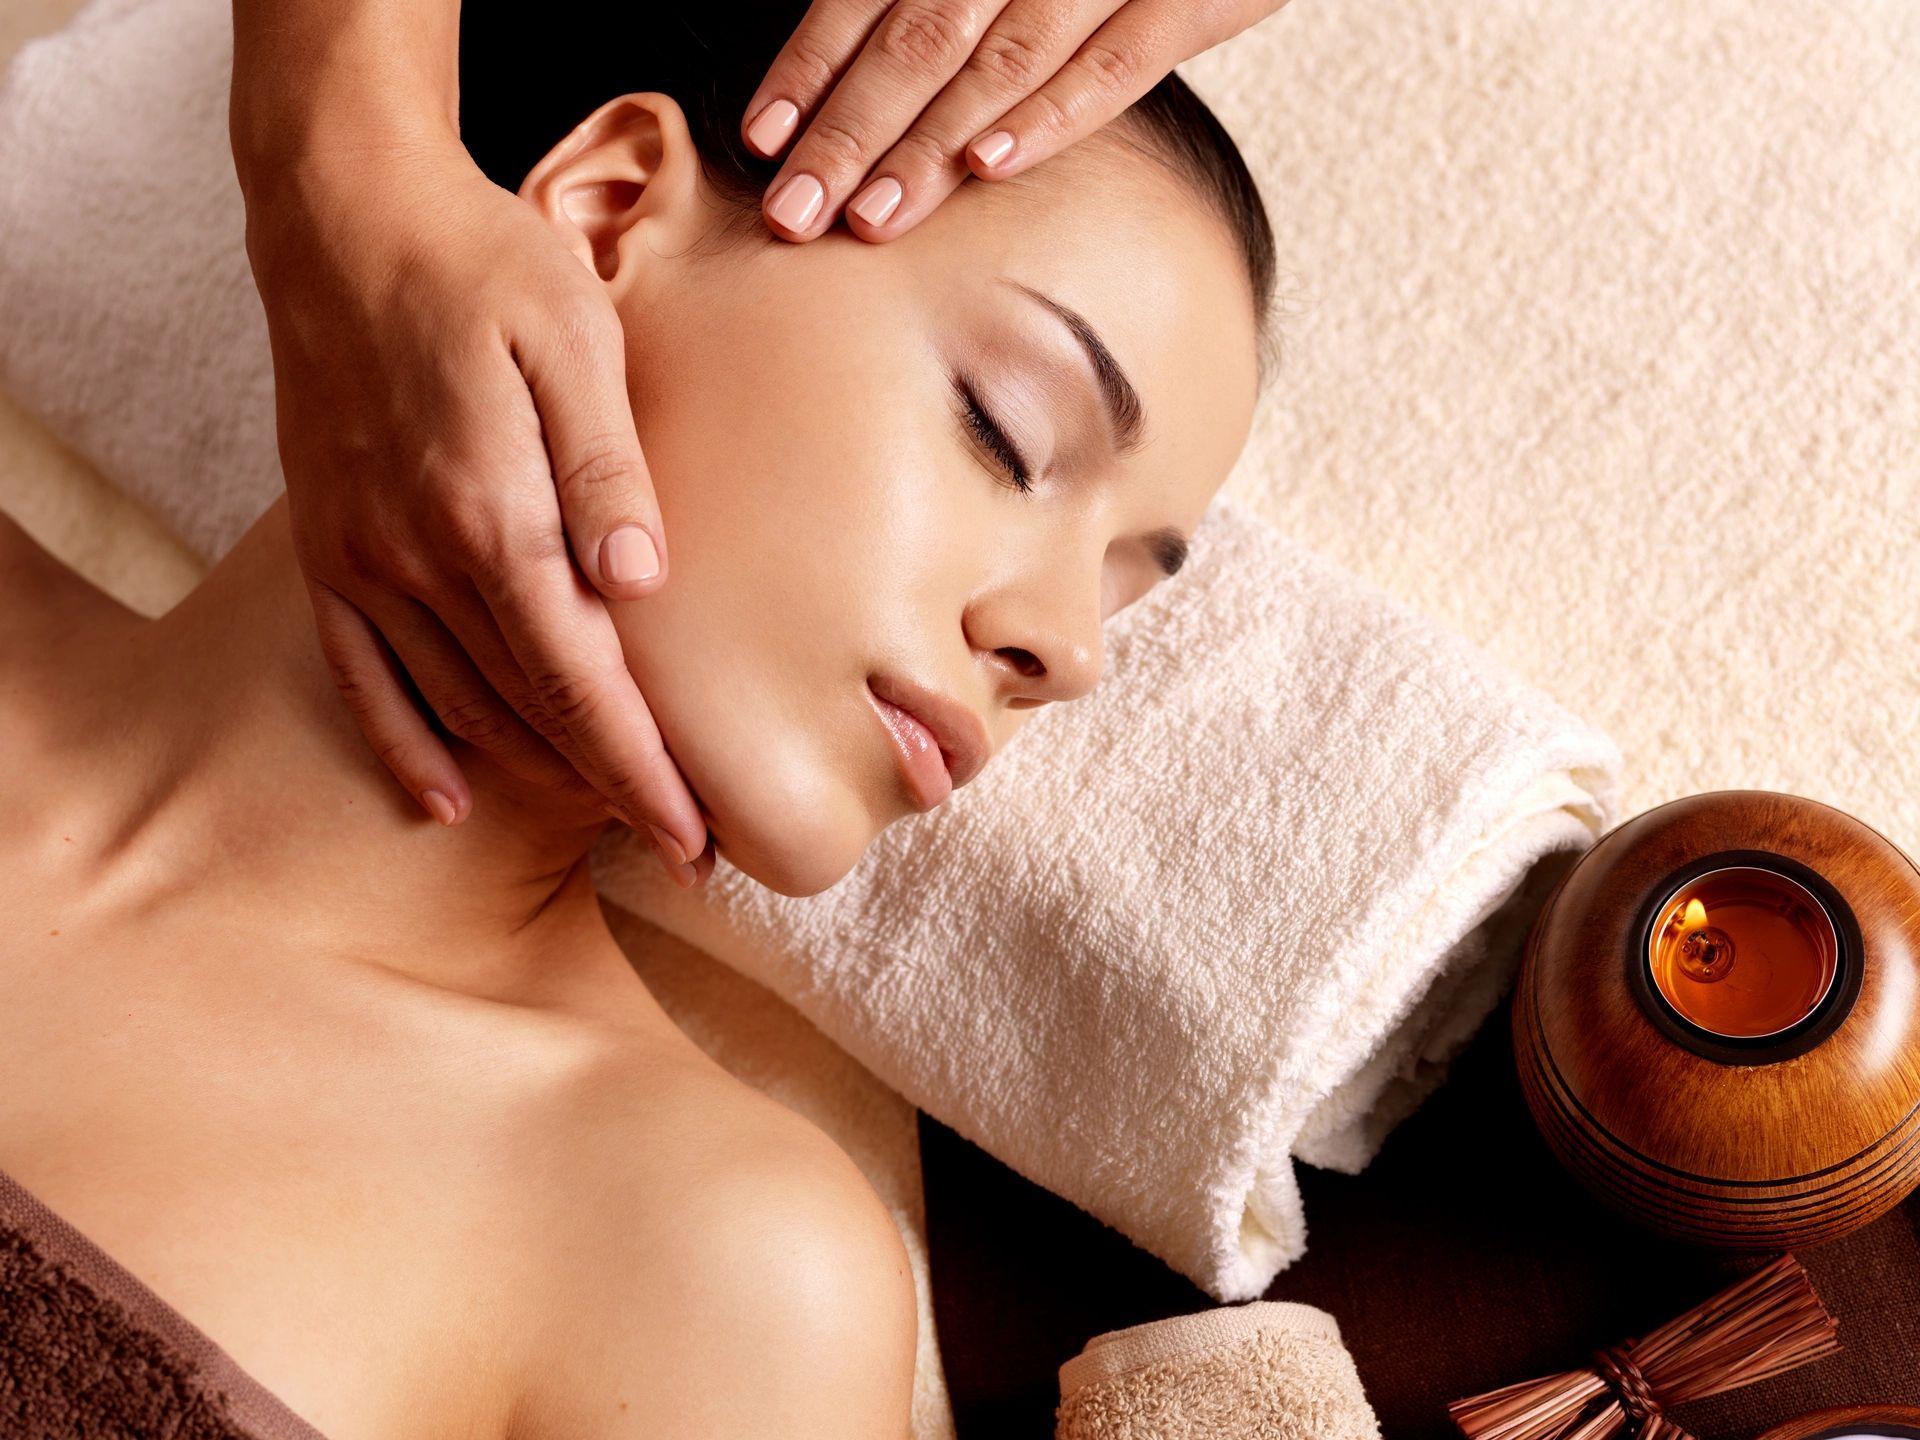 qtq80-KPBnhJ Massage Treatments Tampa